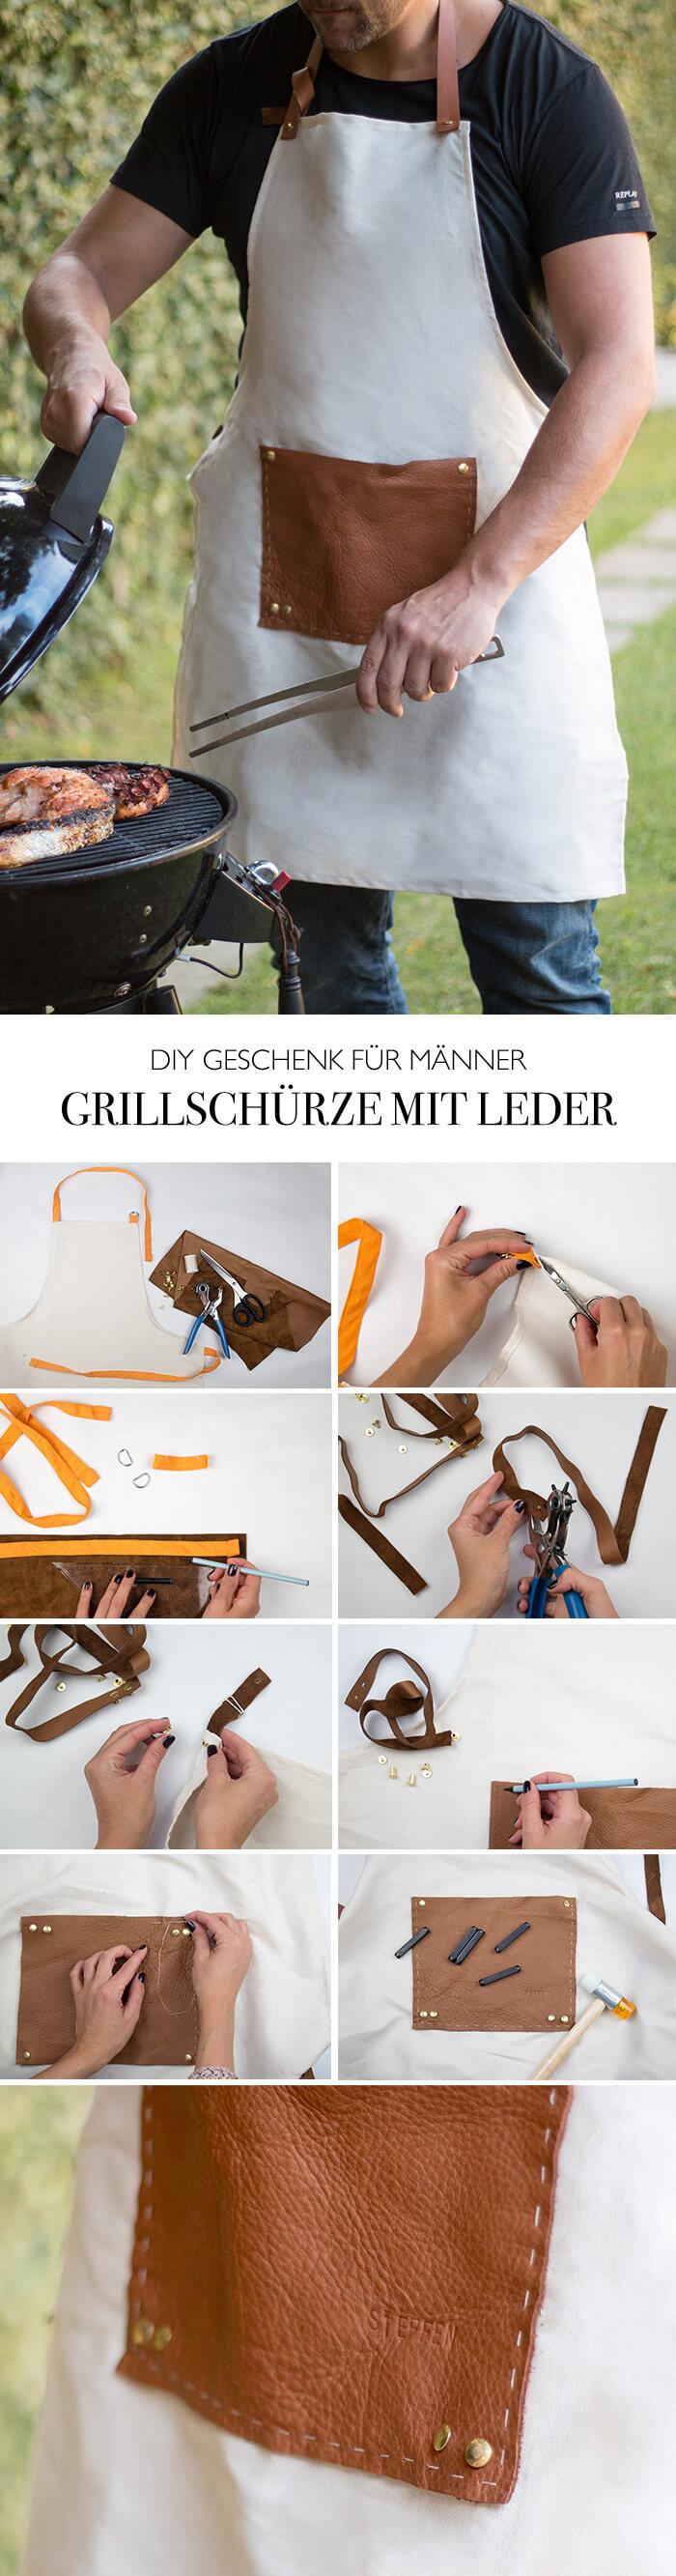 DIY Geschenk für Männer - Grillschürze selber machen mit Leder DIY Blog lindaloves.de